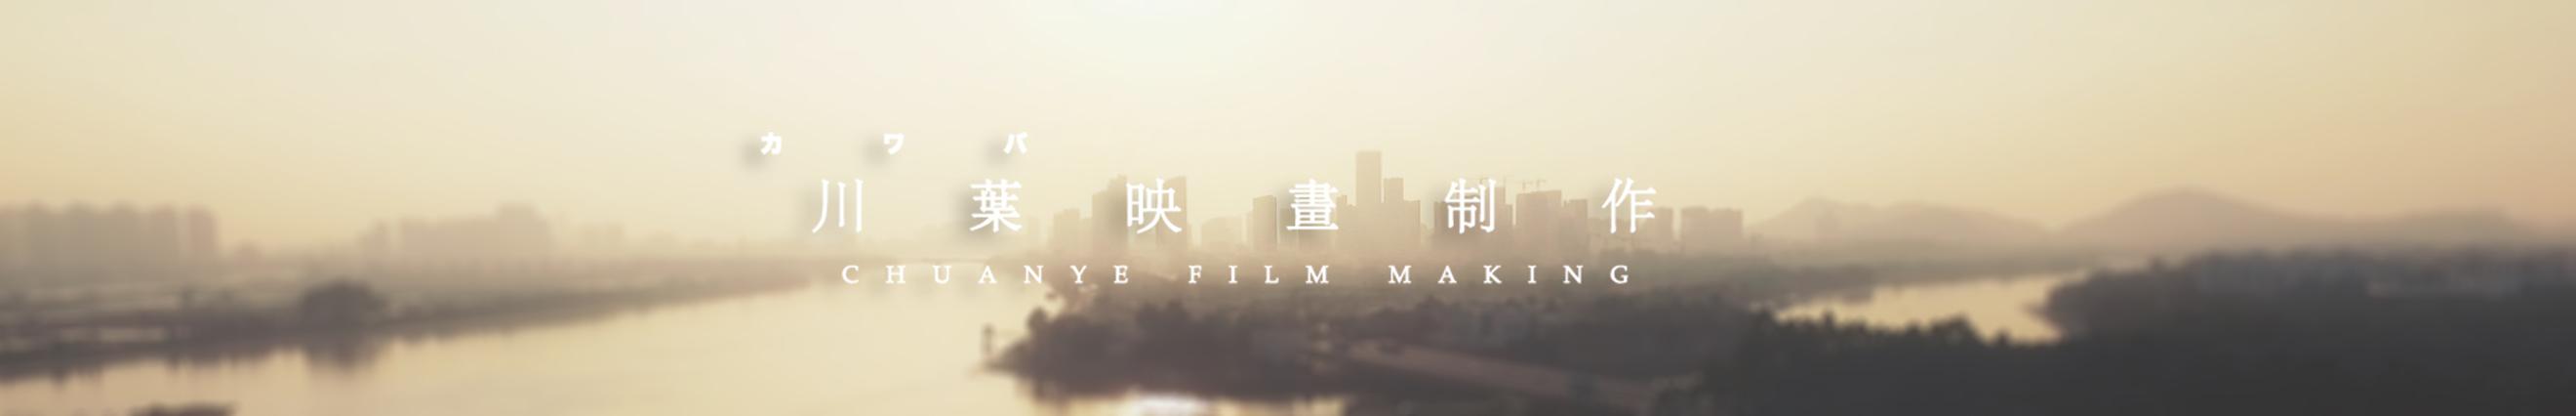 川葉映画 banner